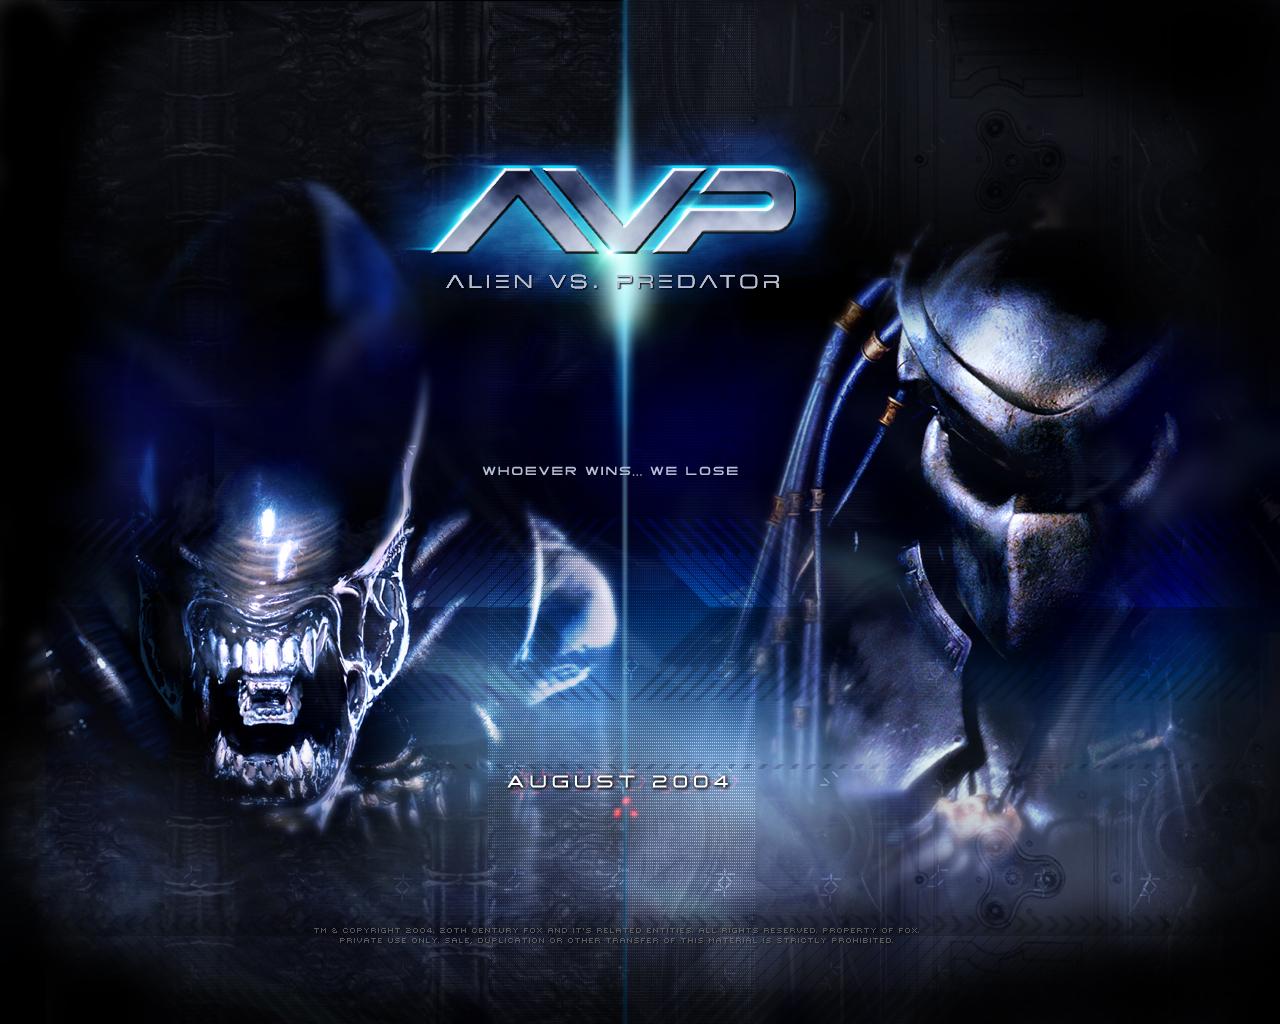 Alien Vs Predator Desktop Wallpapers for HD Widescreen and 1280x1024